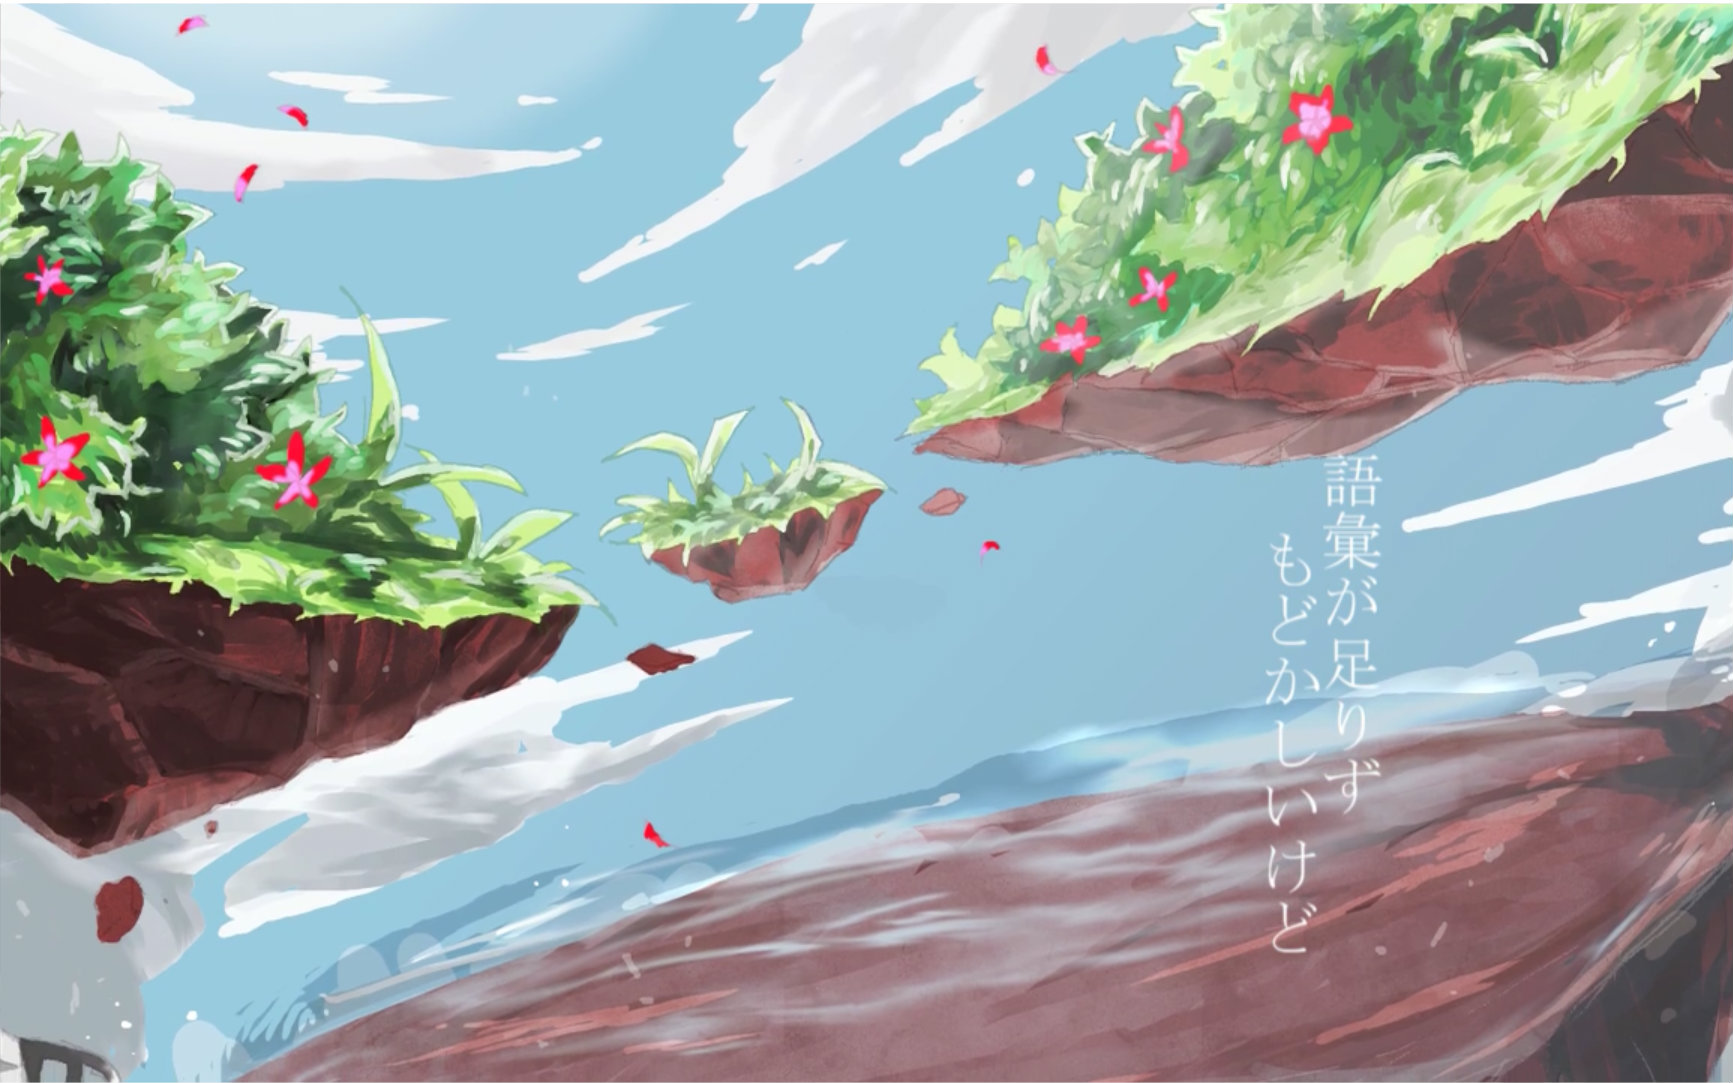 【初音ミク,ia】起始之诗的蔚蓝天空【チルドpこと霹雳】